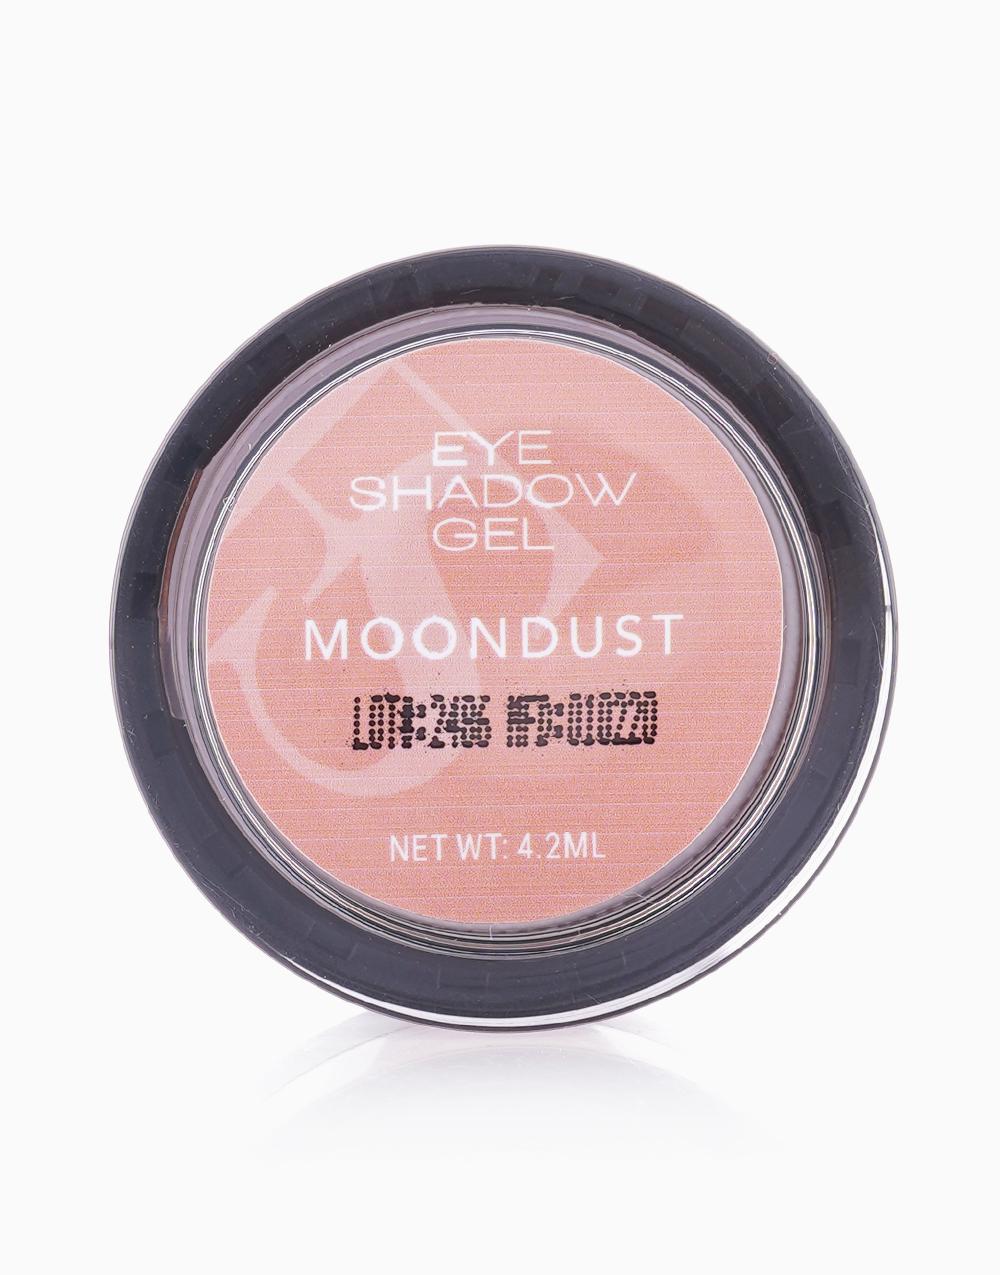 Eyeshadow Gel by FS Features & Shades | Moondust